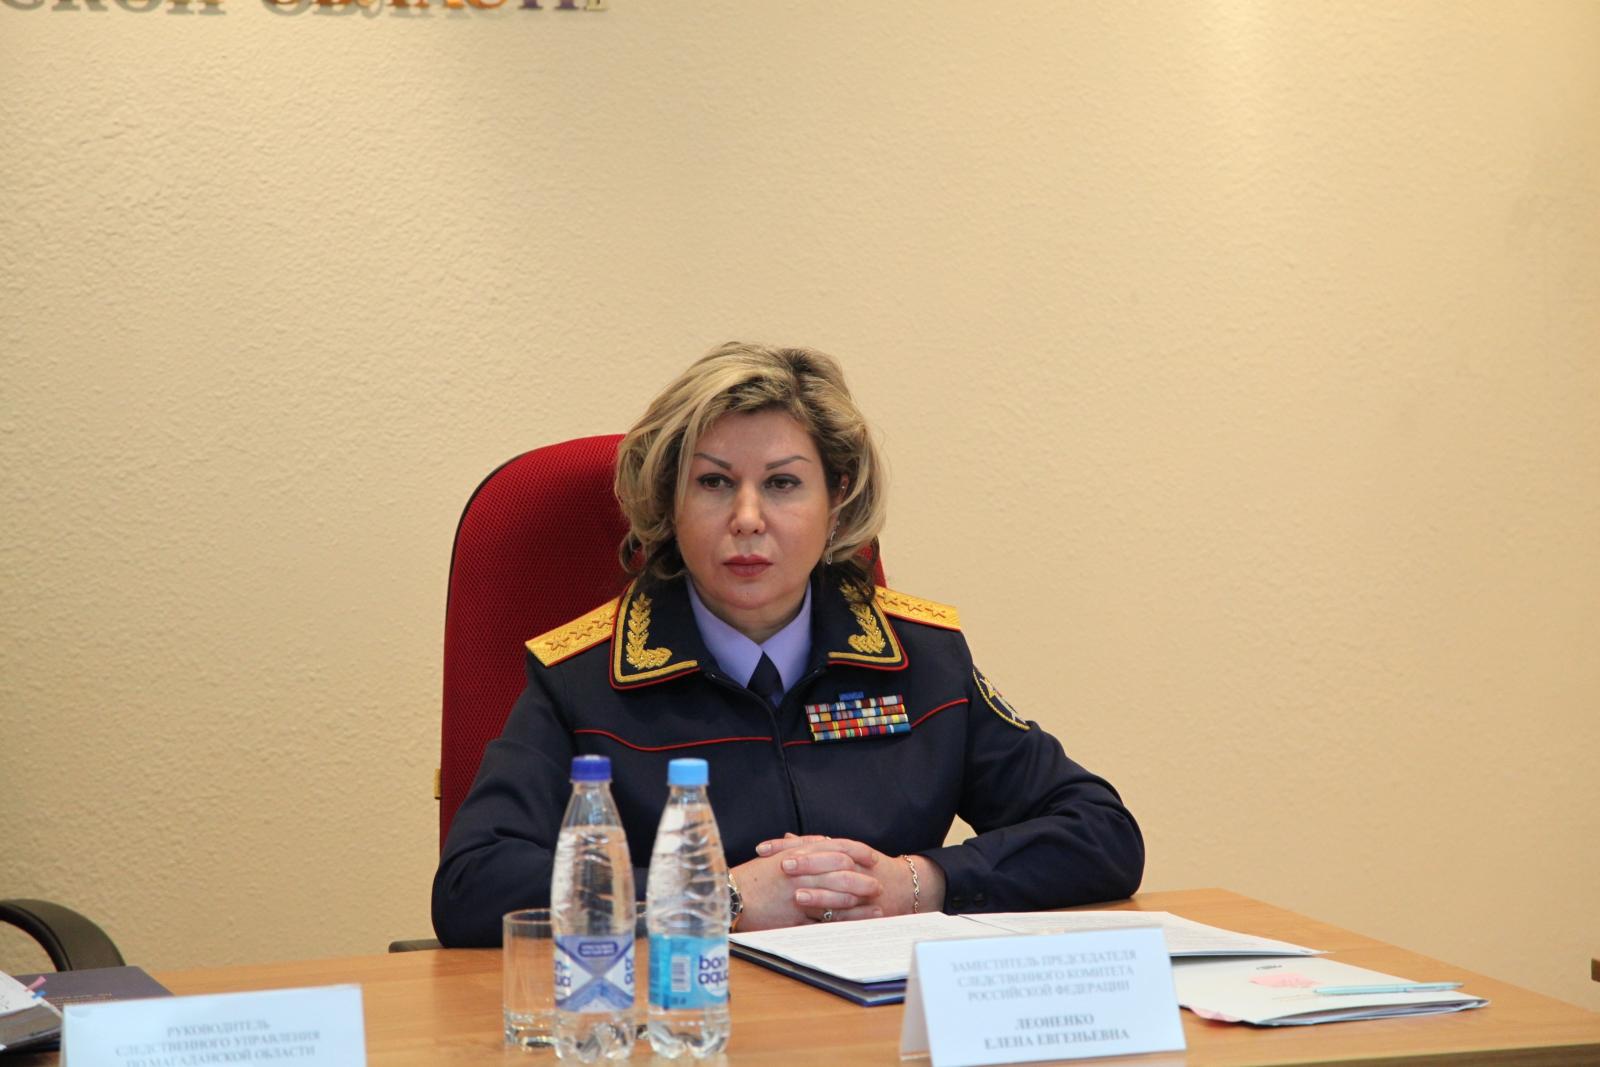 Следком РФ повысит уголовное наказание за уклонение от налогов